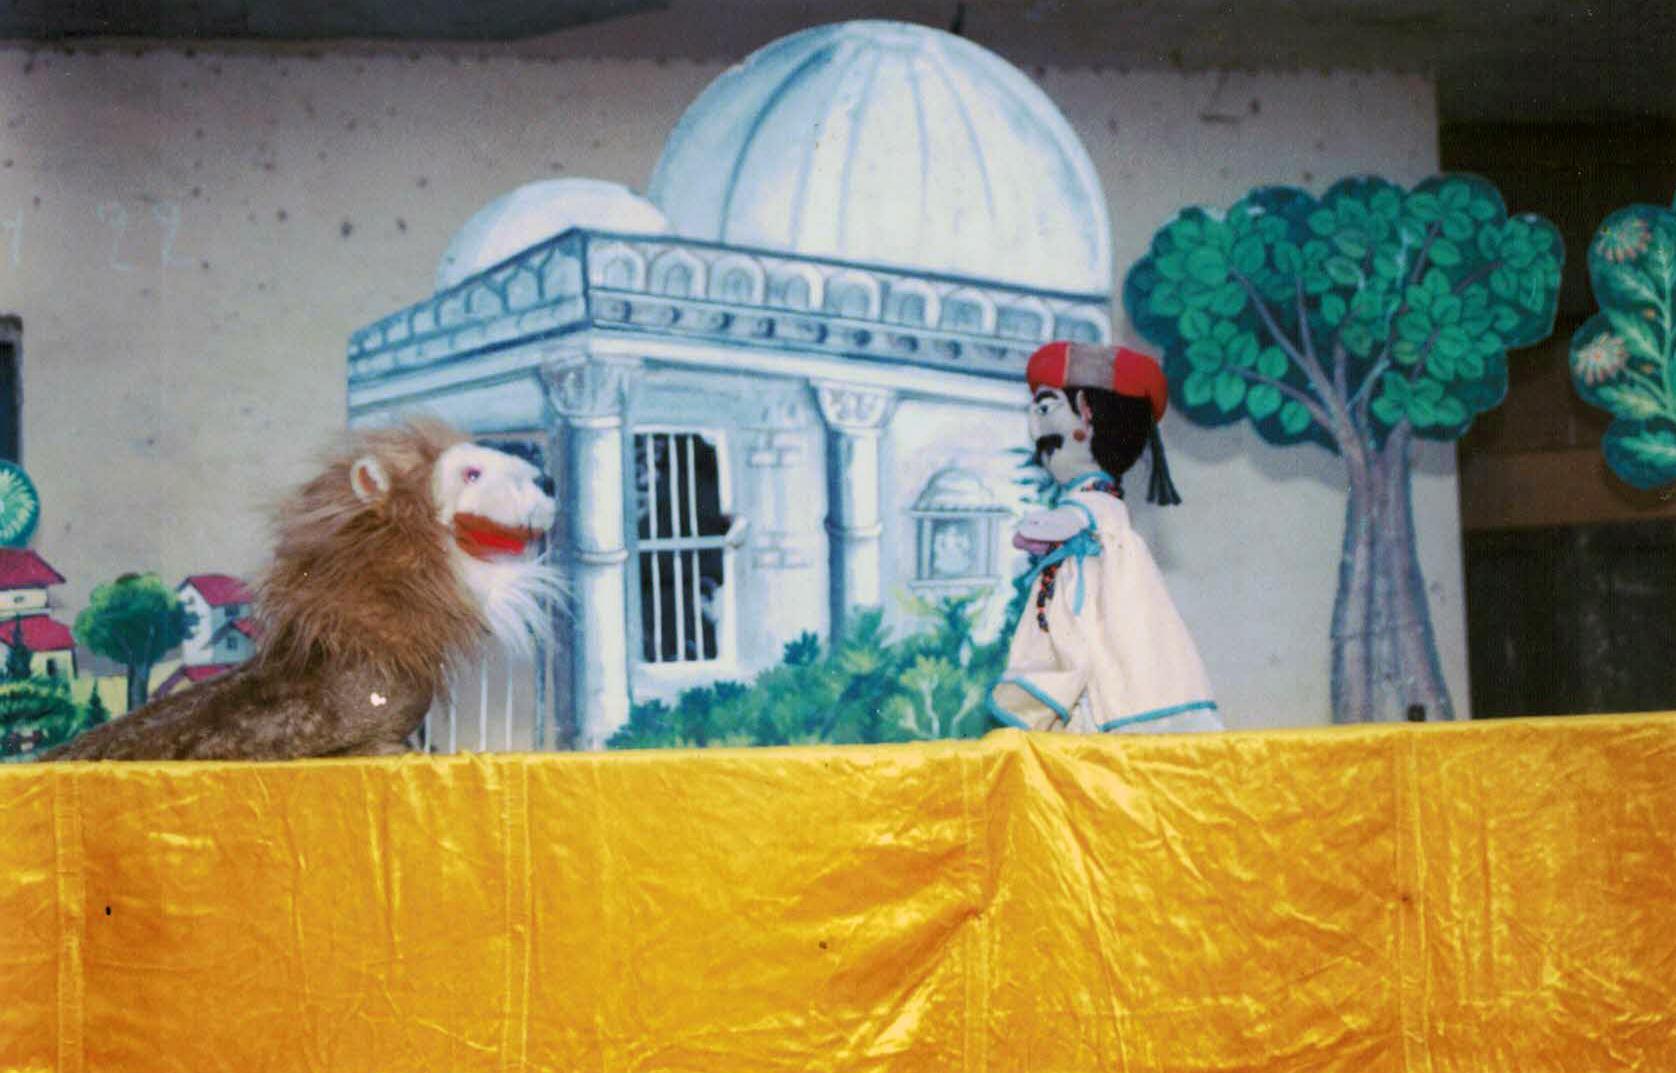 Lion et homme, marionnettes à gaine d'une histoire de Panchatantra par Mahipat Kavi, marionnettiste gujarati contemporain et directeur de Puppets & Plays, récipiendaire du Sangeet Natak Akademi Award pour la Marionnette